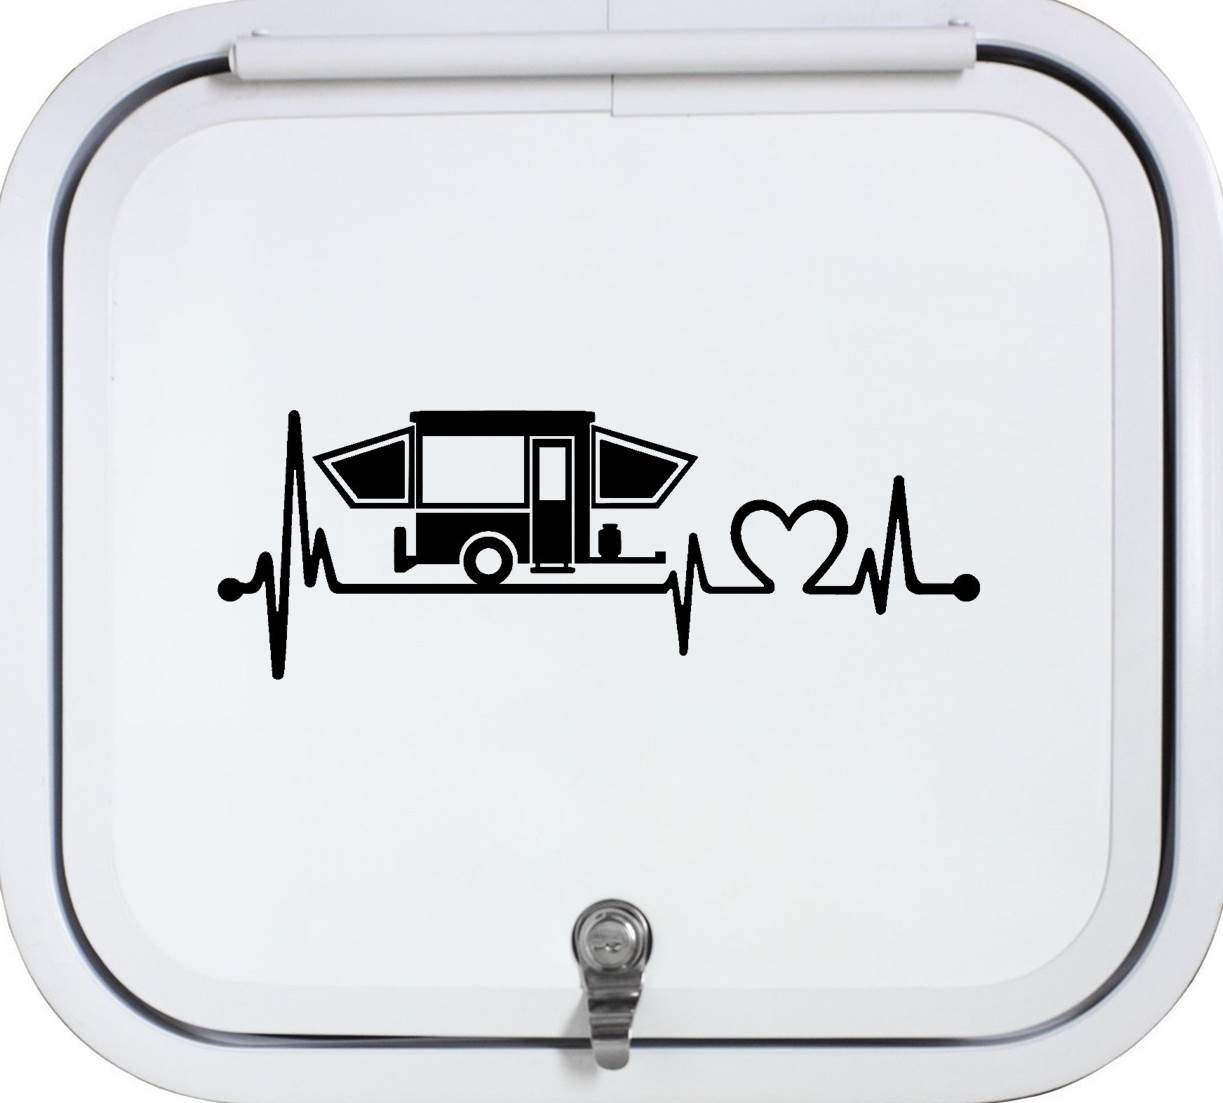 Bluegrass Decals Black Pop Up Camper Travel Trailer Heartbeat Lifeline 8 Inch Decal Sticker K1150BK